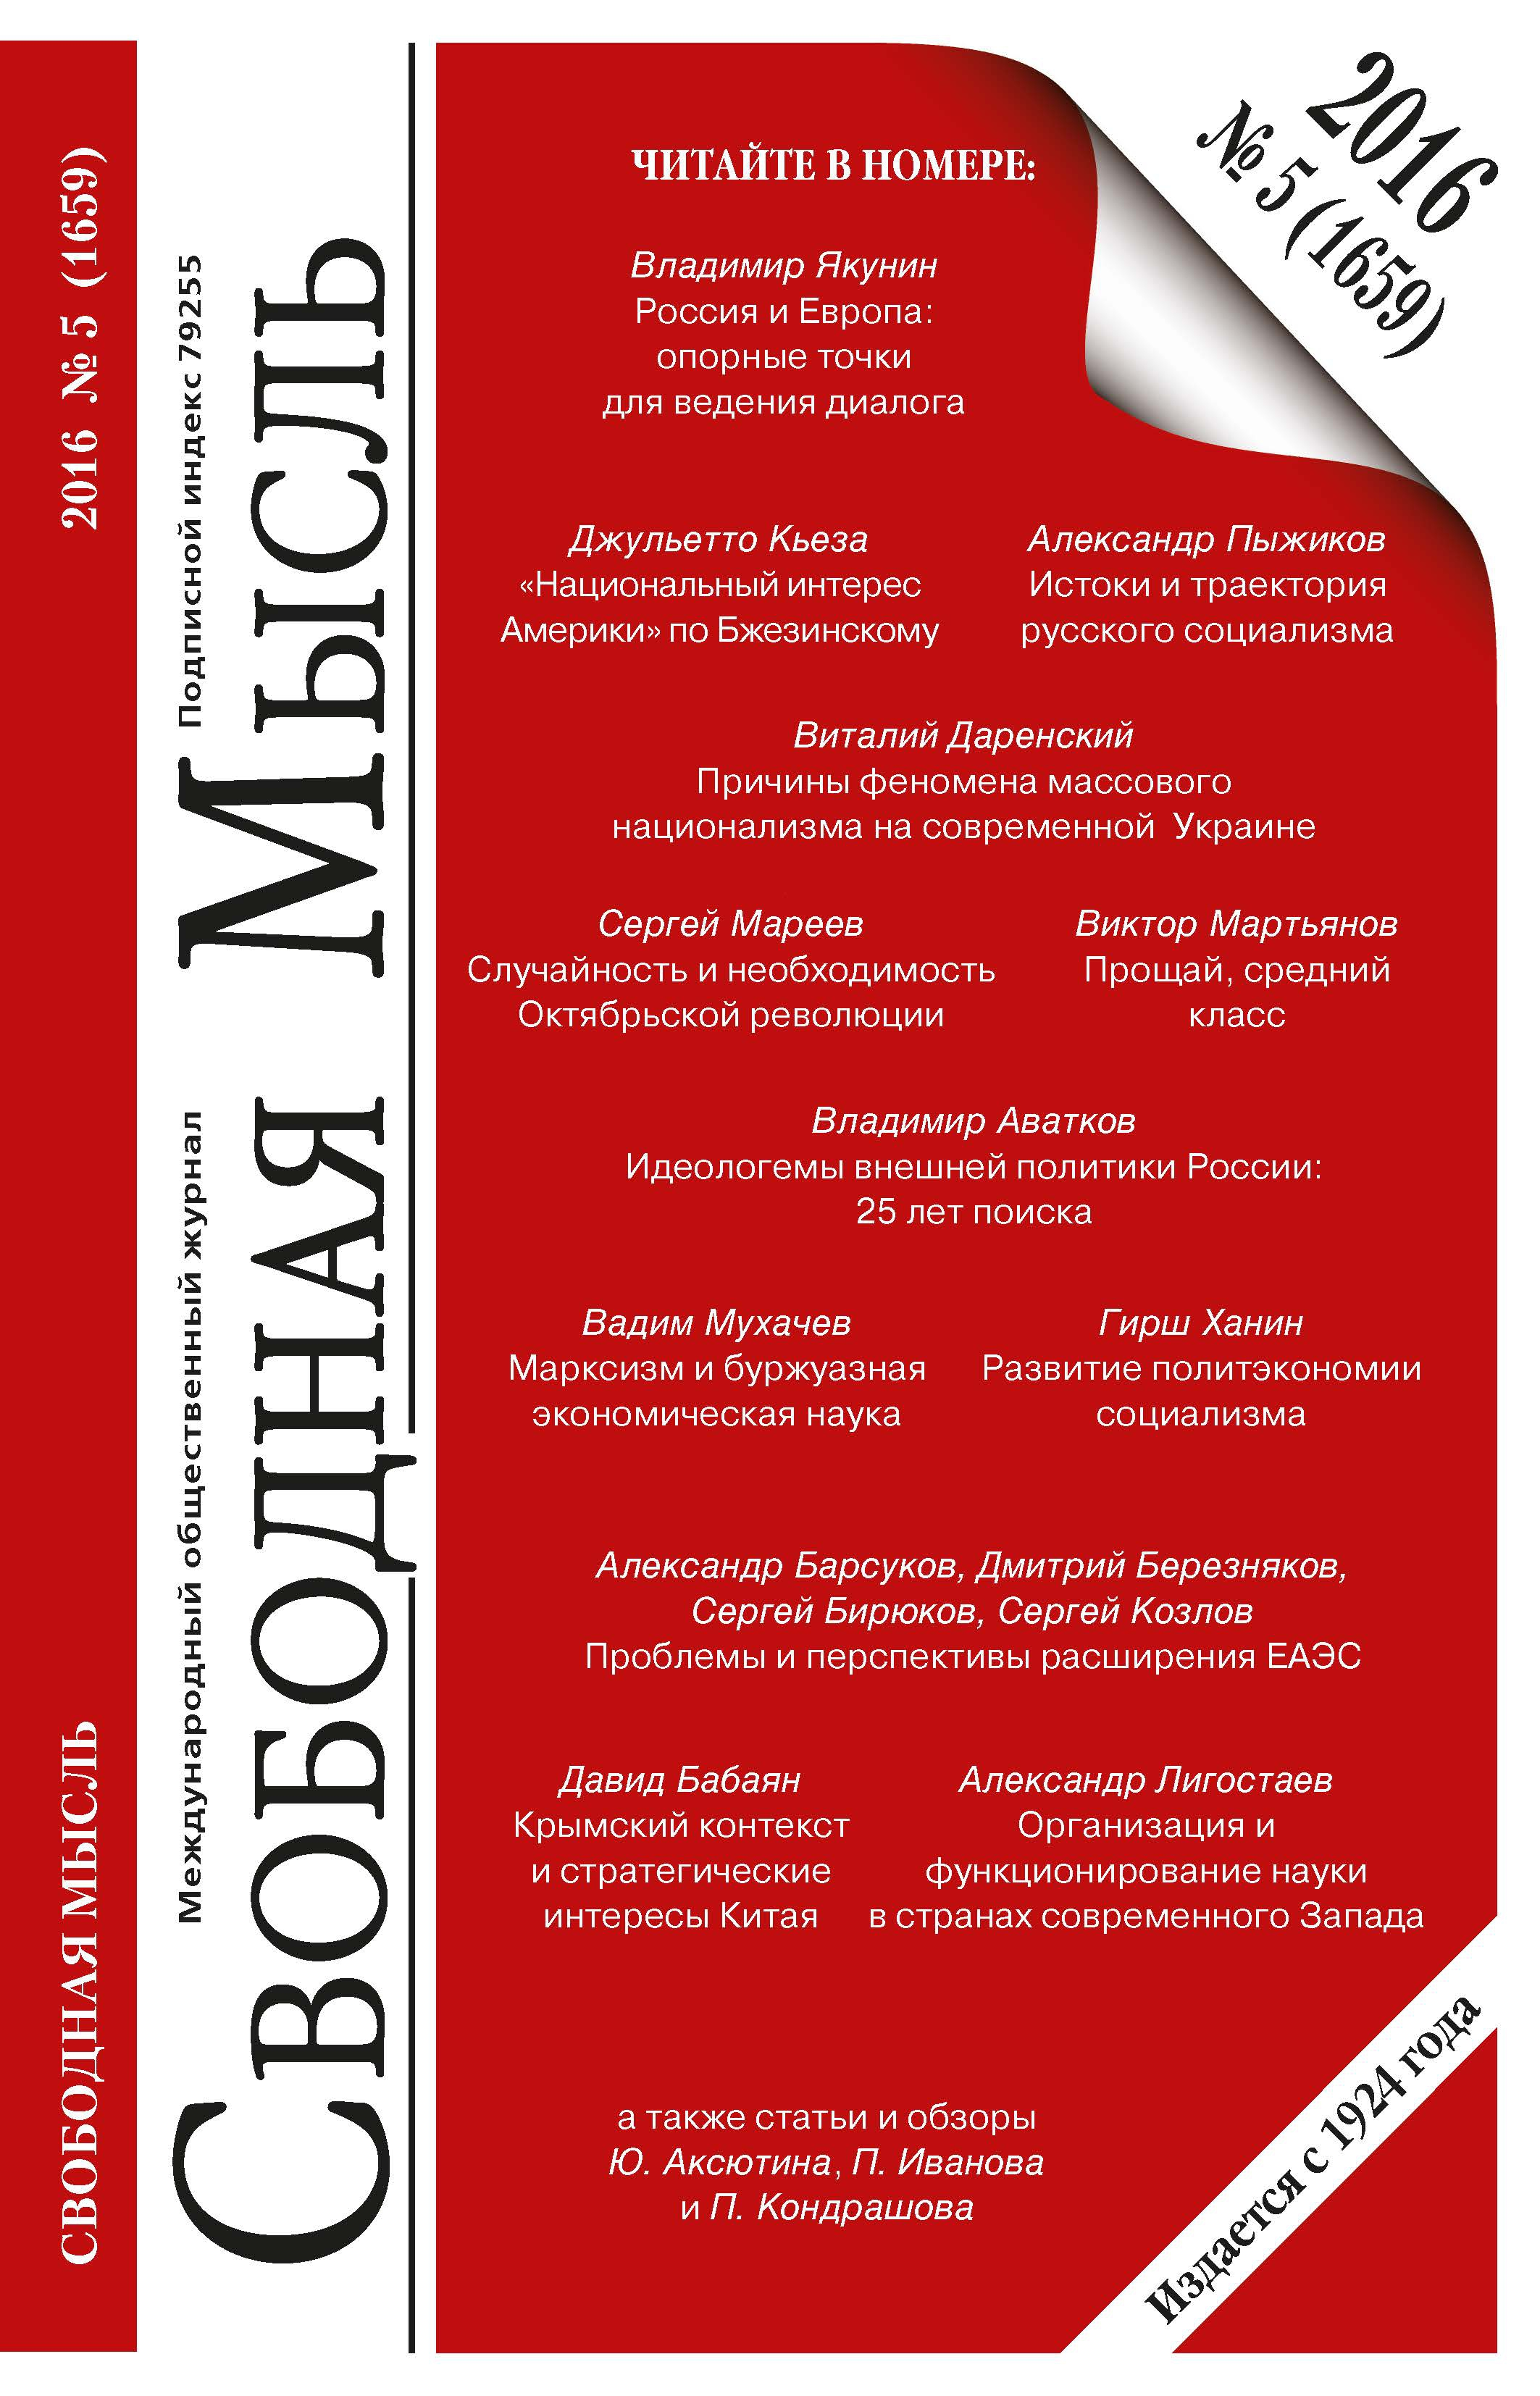 философский журнал логос № 5 - 6 2011 г